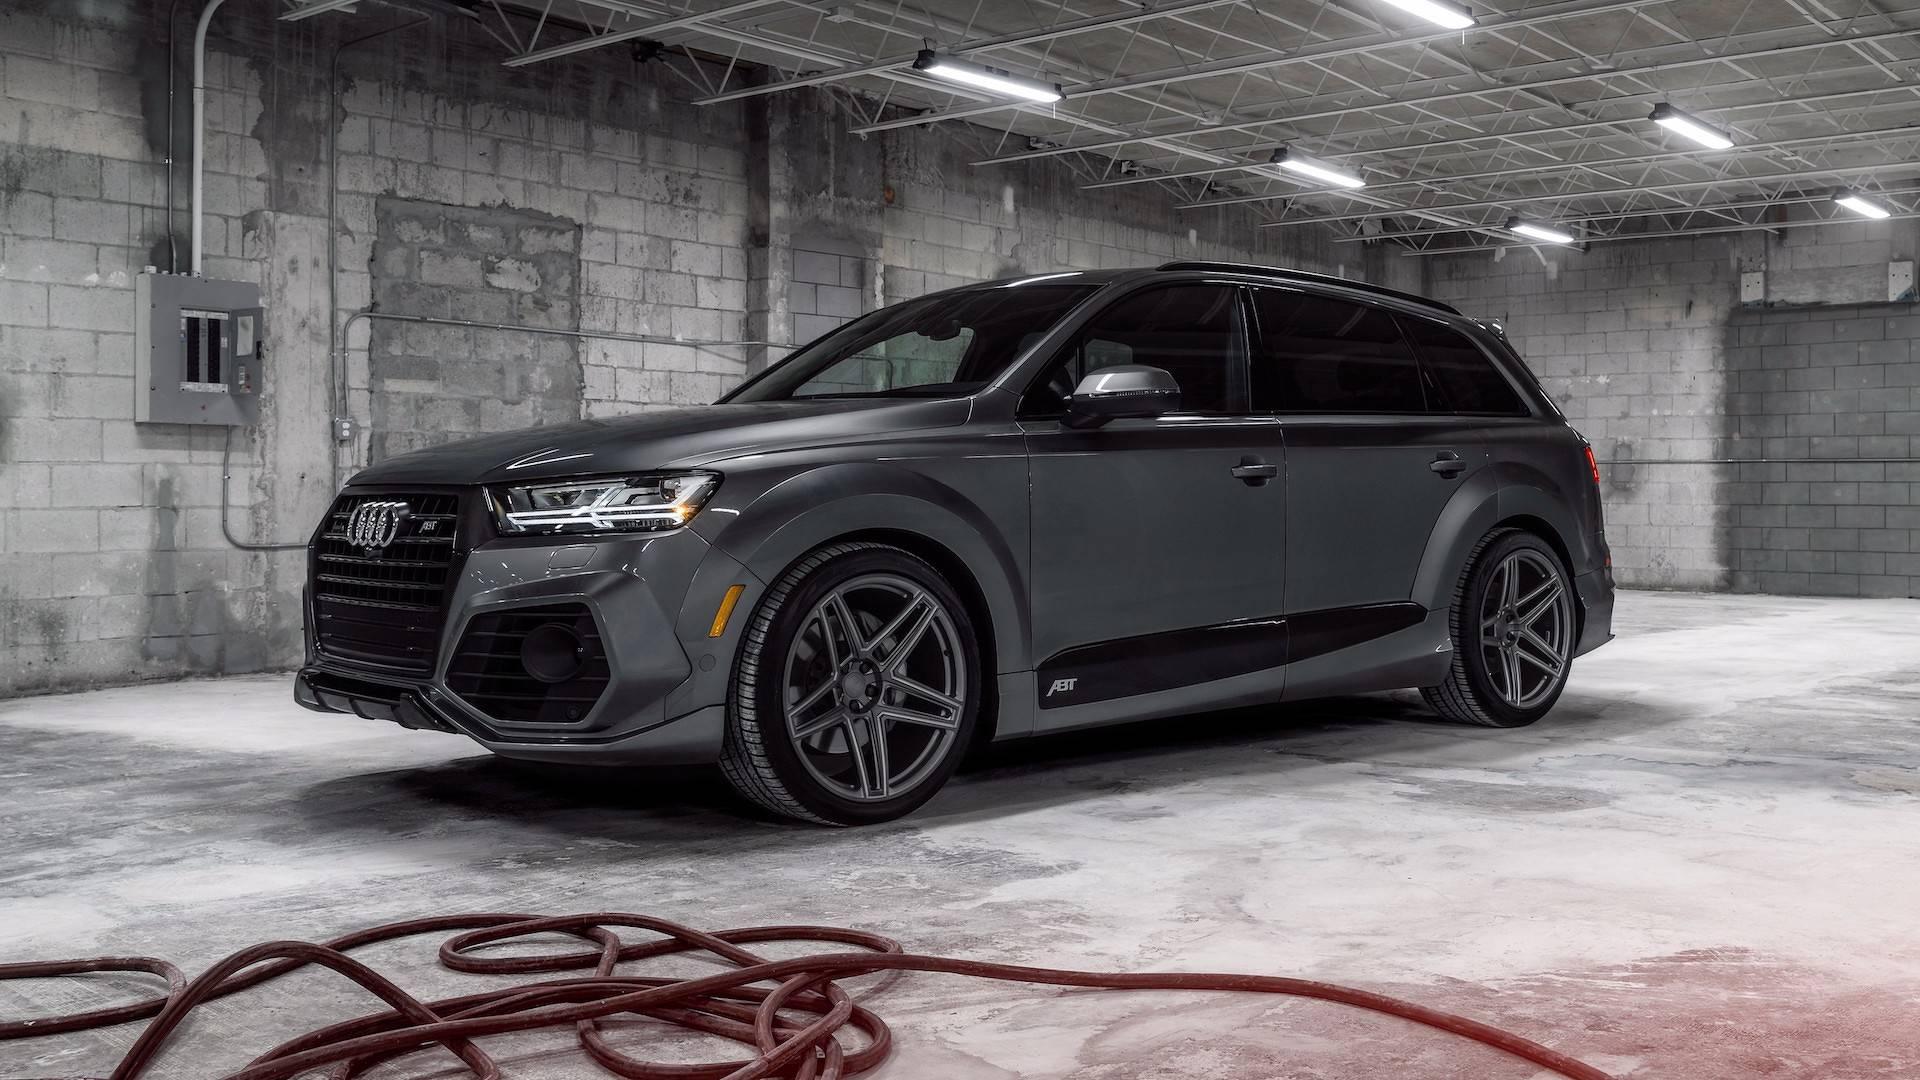 Кисть мастера. Audi Q7 в исполнении ABT и Vossen